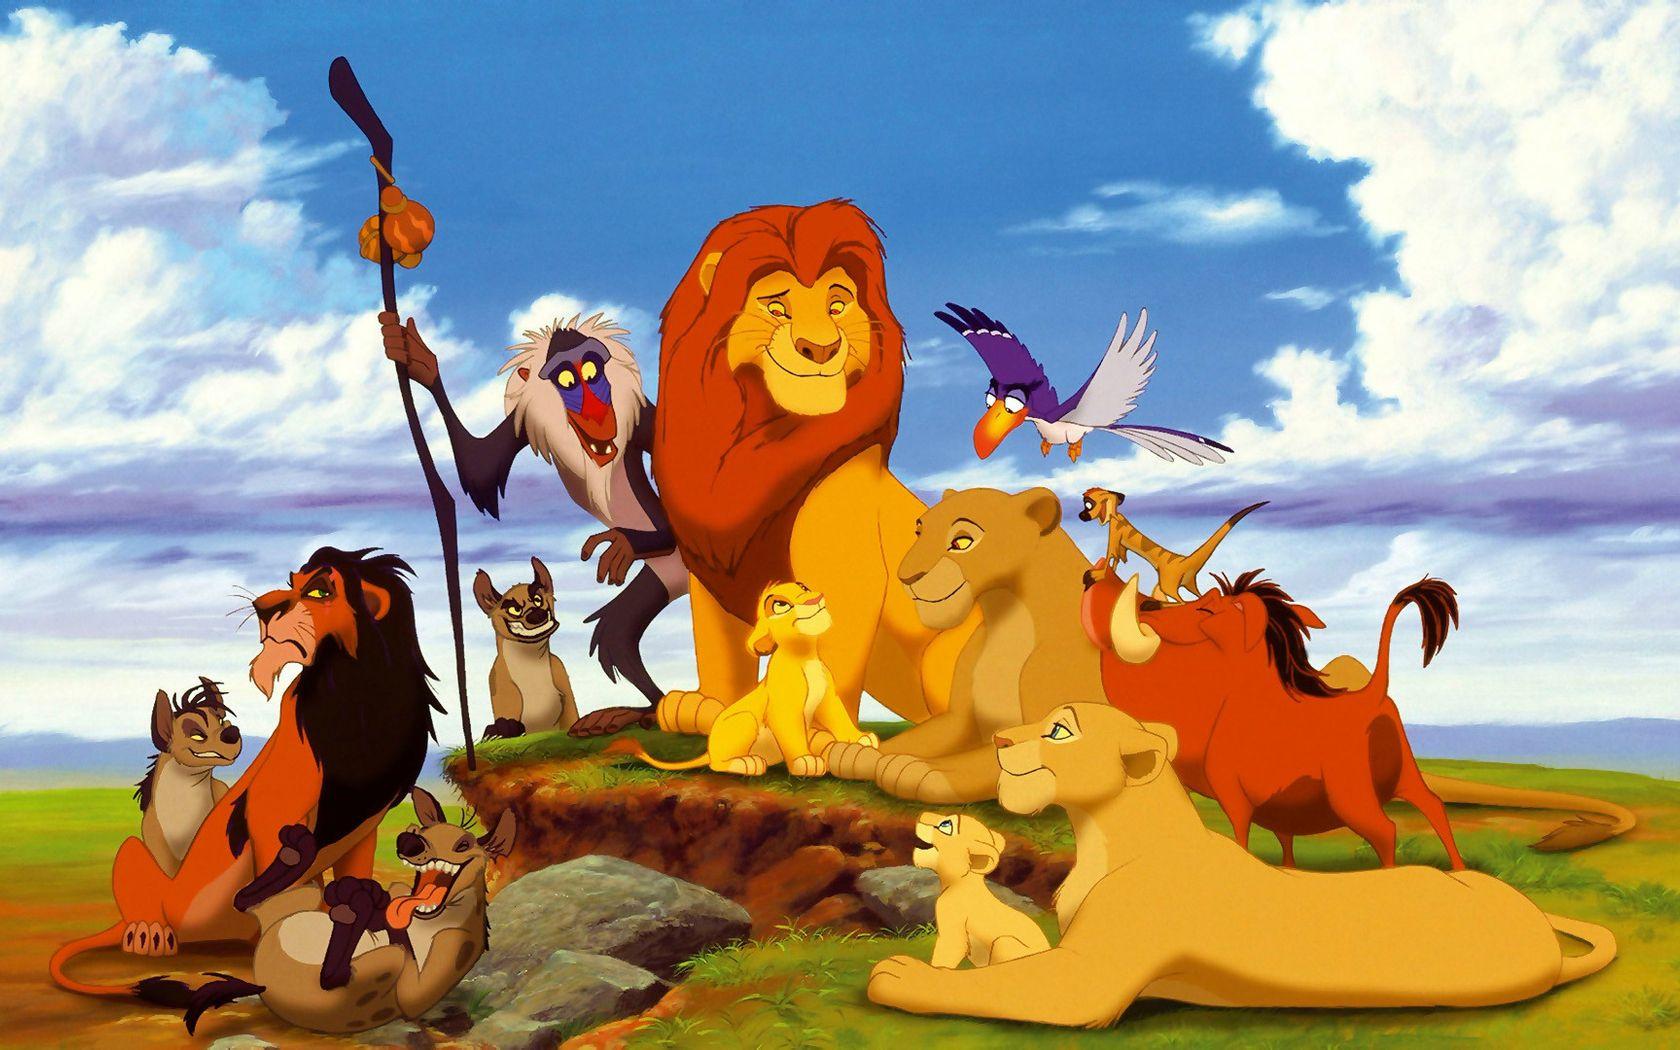 Tlcharger Fond D Ecran Le Roi Lion Nala Simba Hyne Fonds D Ecran Gratuits Pour Votre Rsolution Du Bureau 1 Le Roi Lion Anecdotes Disney Personnage Disney